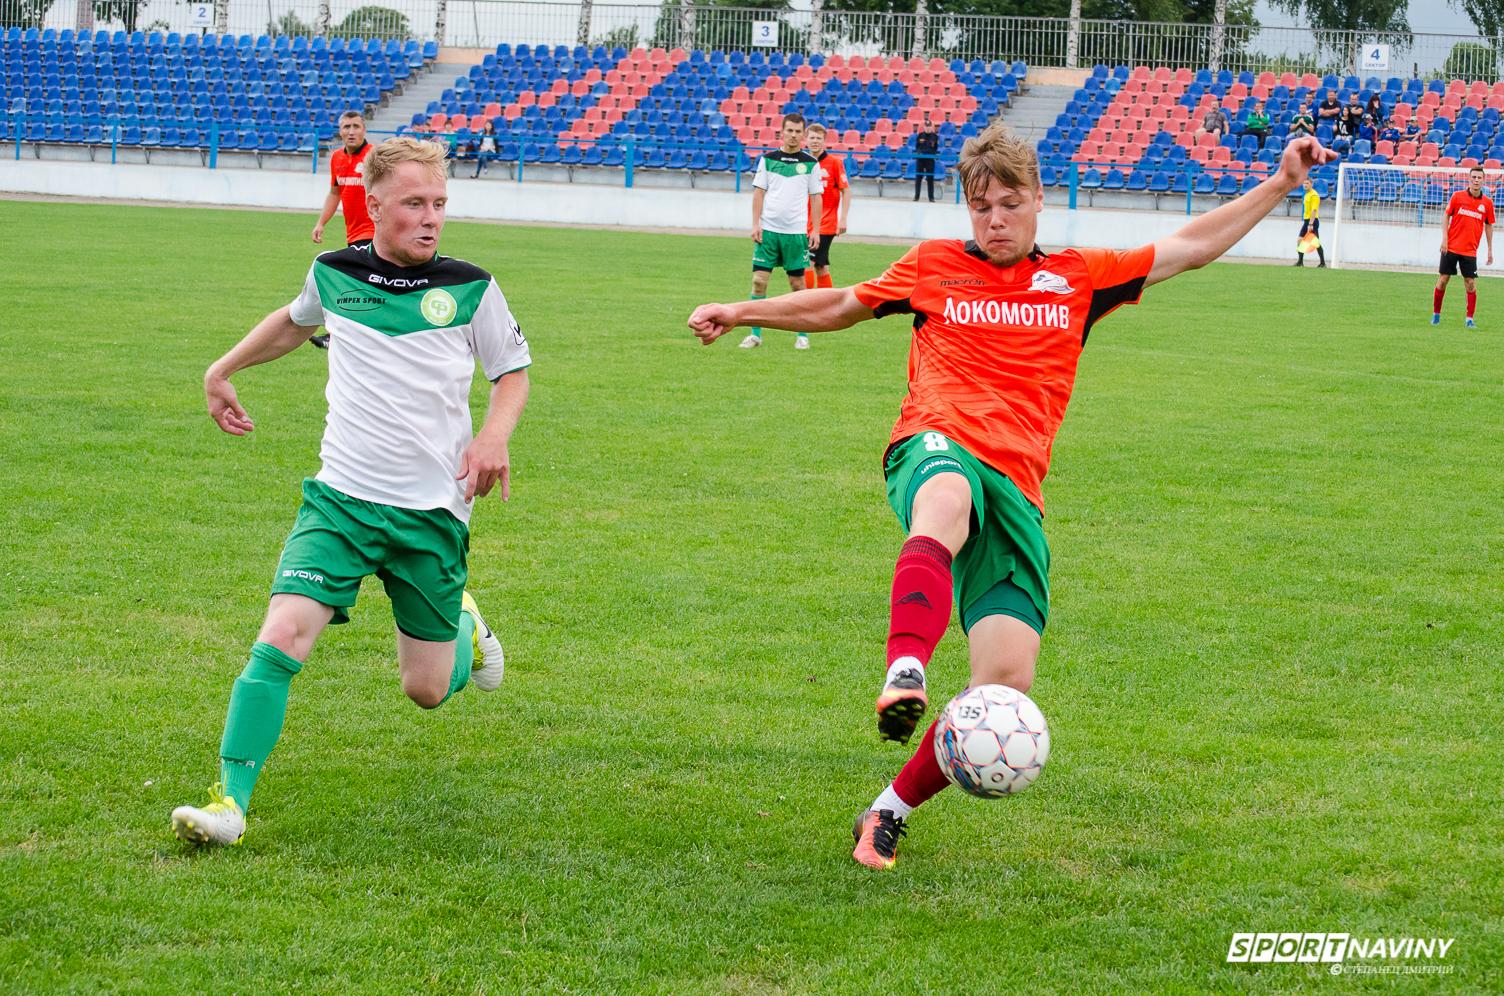 FC Lokomotiv 2:3 SK Sputnik 29/07/2017.Friendly match